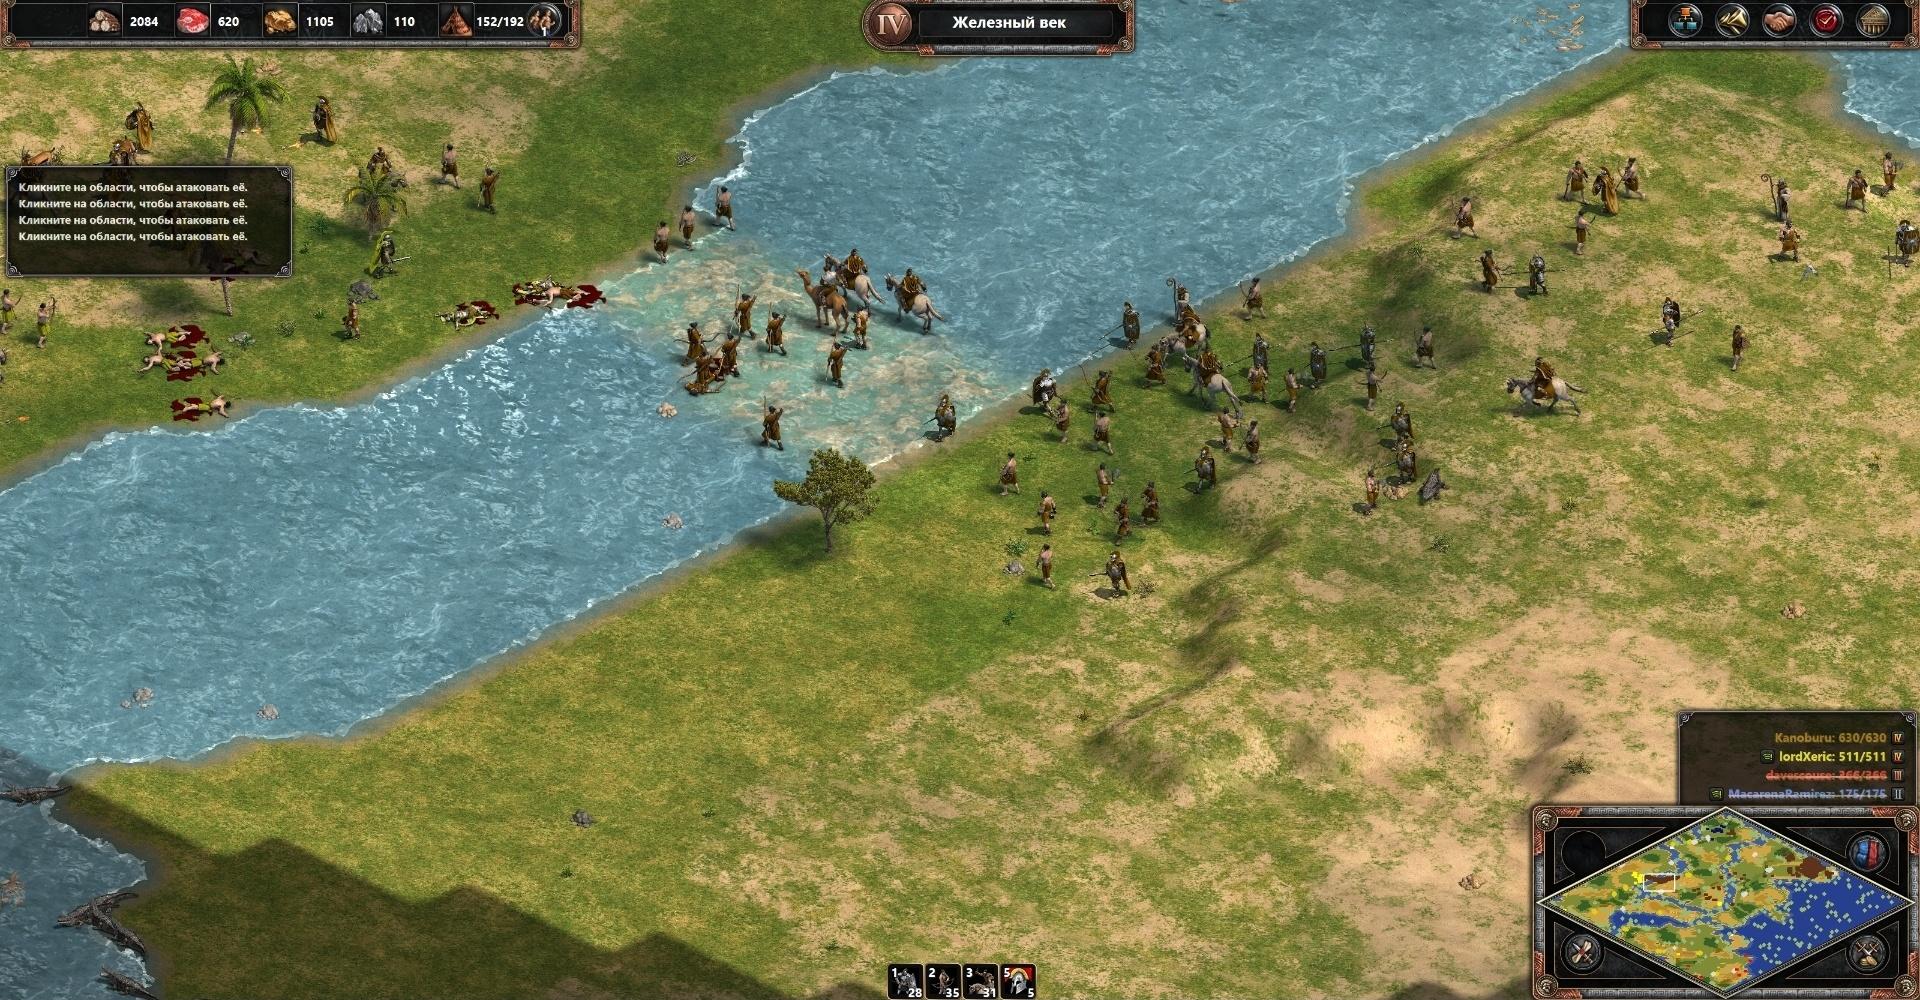 Age of Empires: Definitive Edition: Превью по бета-версии